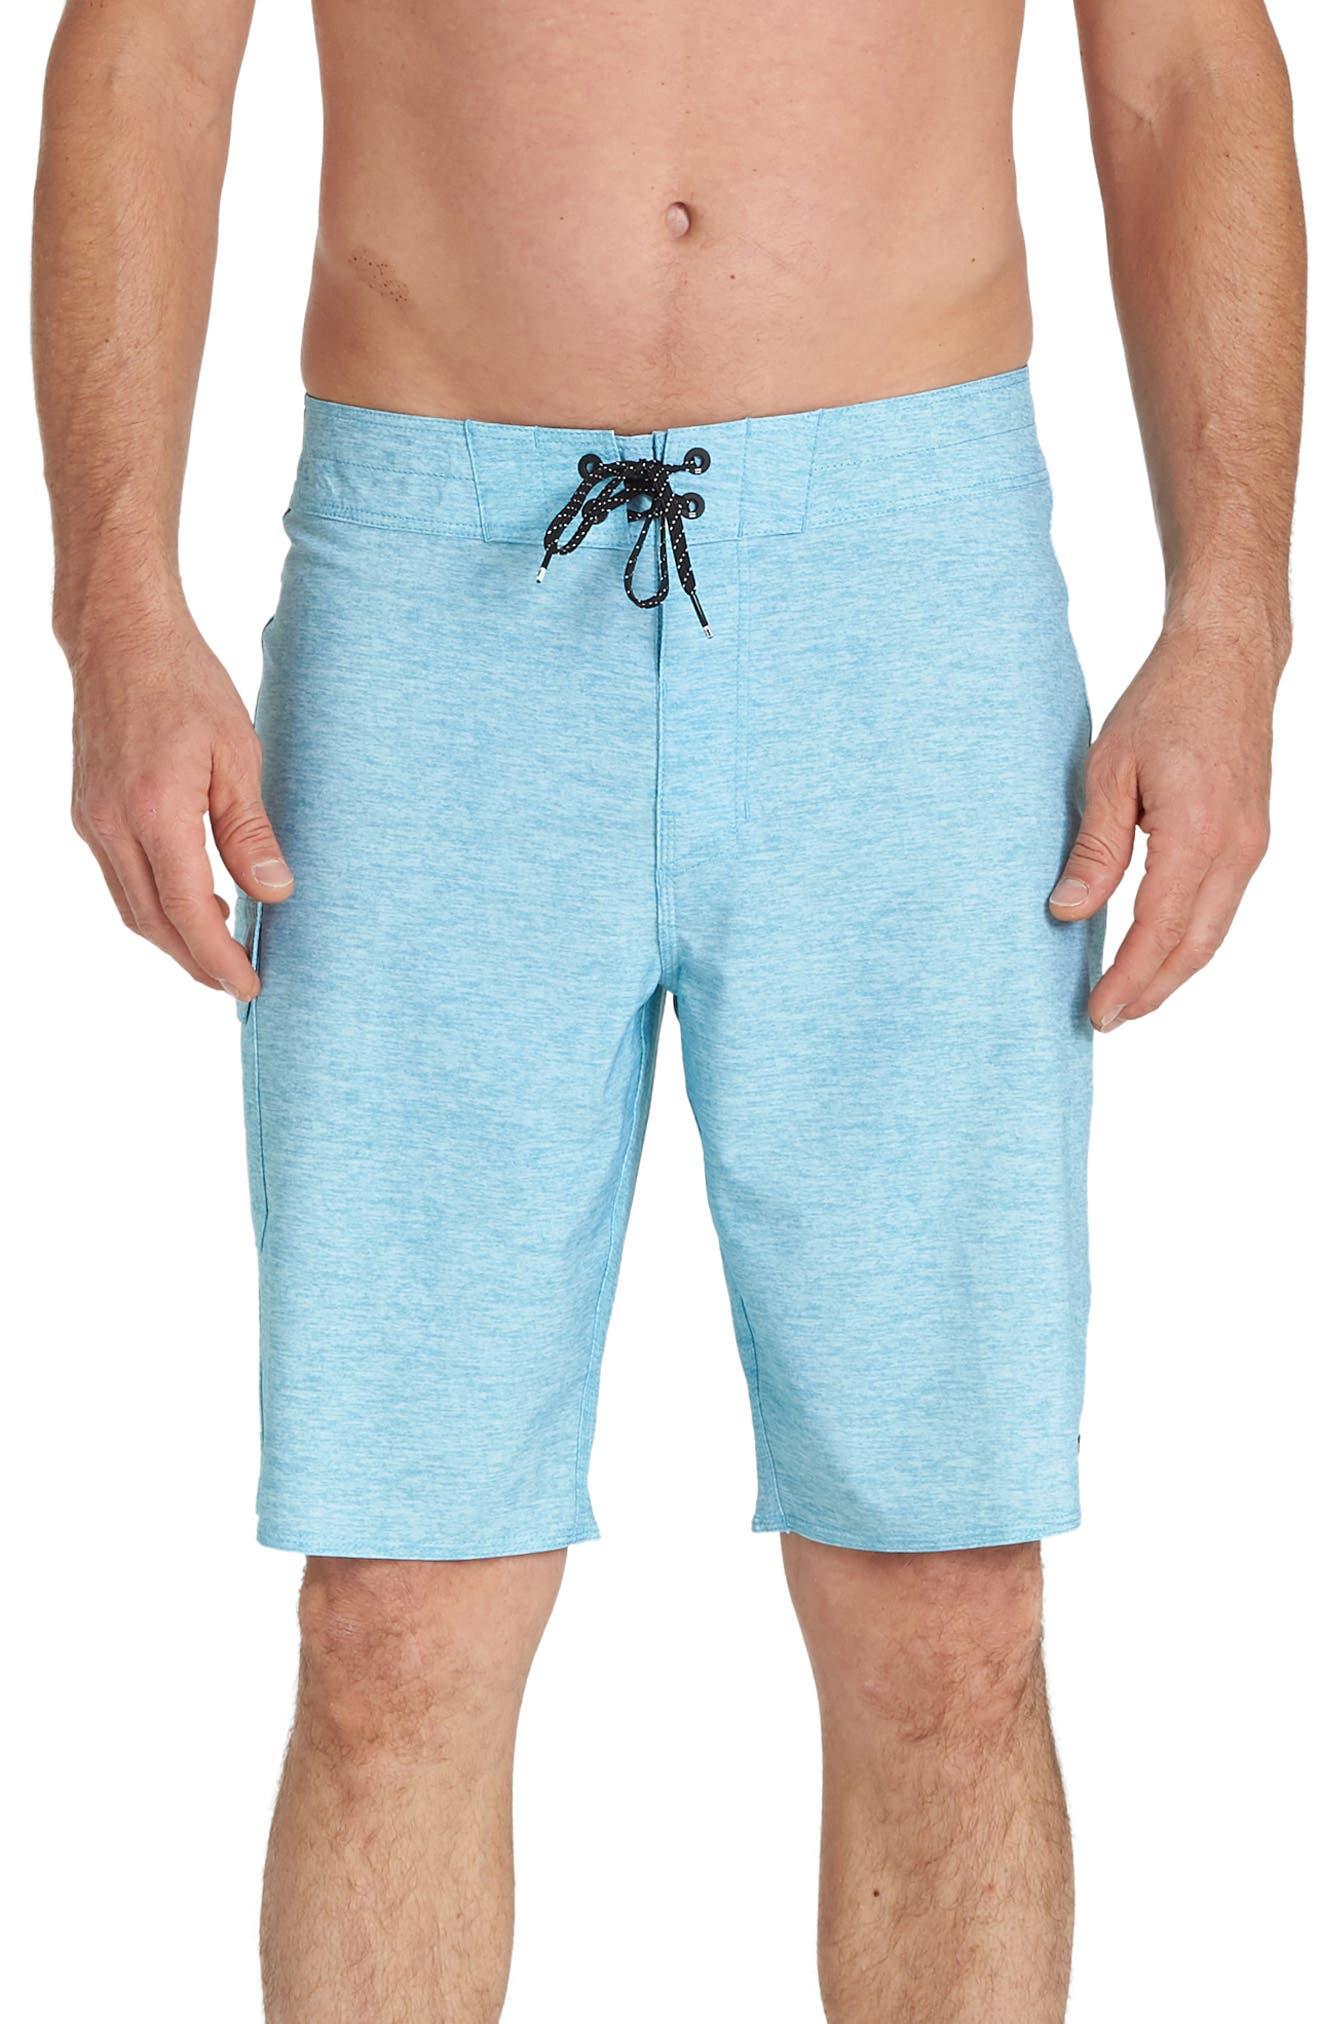 Billabong All Day Pro Board Shorts, Blue